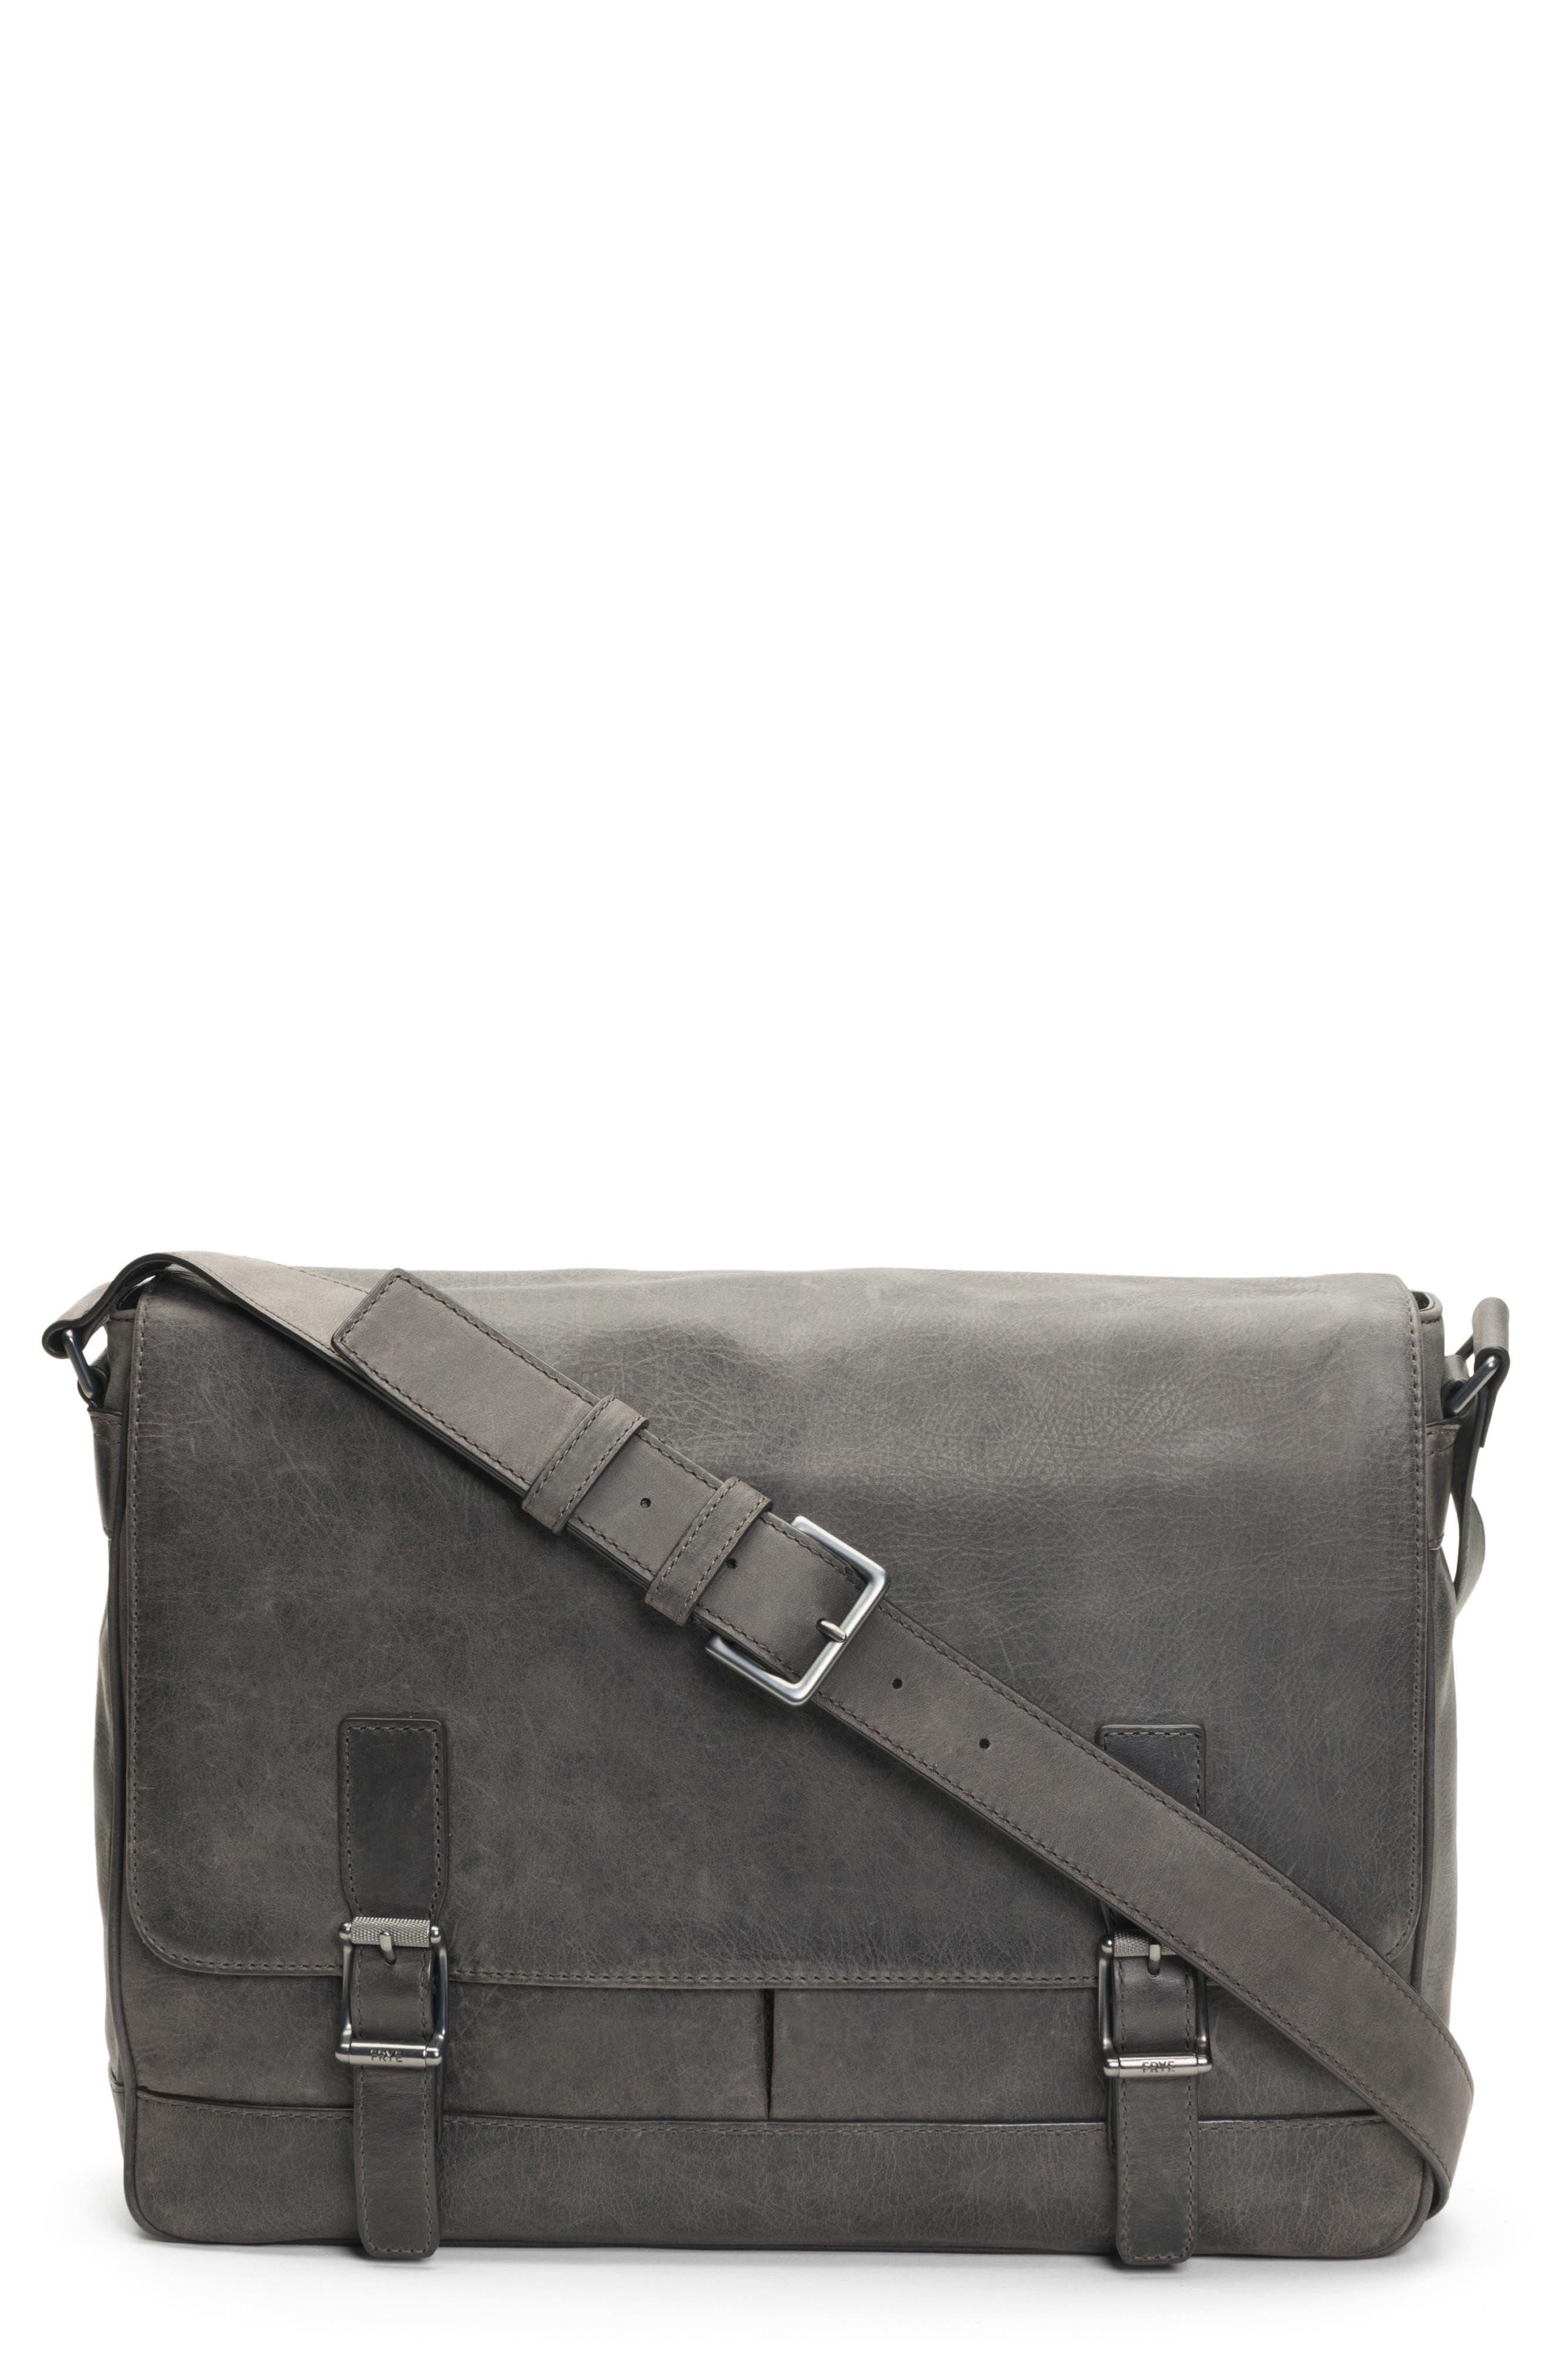 Oliver Leather Messenger Bag,                             Main thumbnail 1, color,                             SLATE